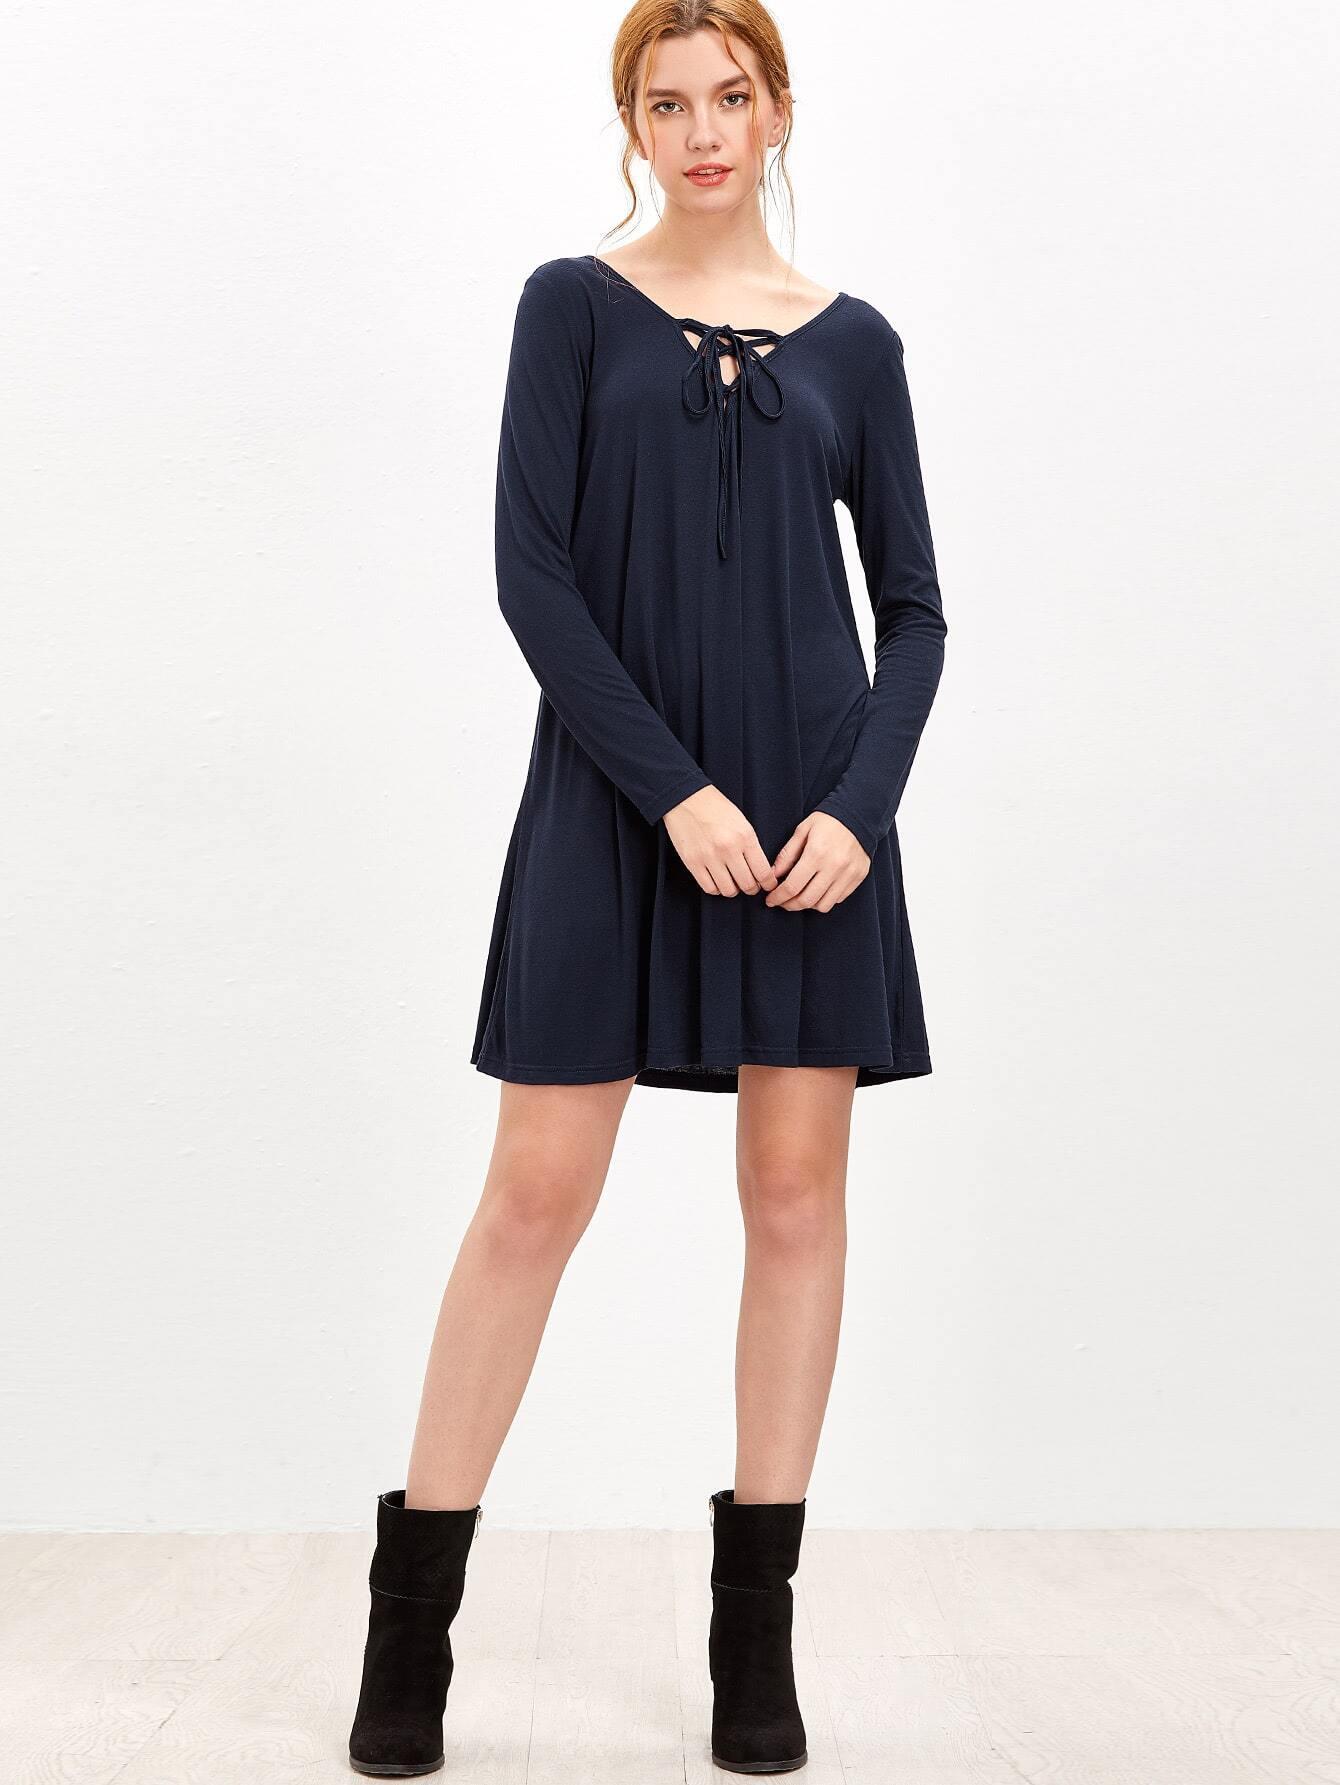 dress161221454_2